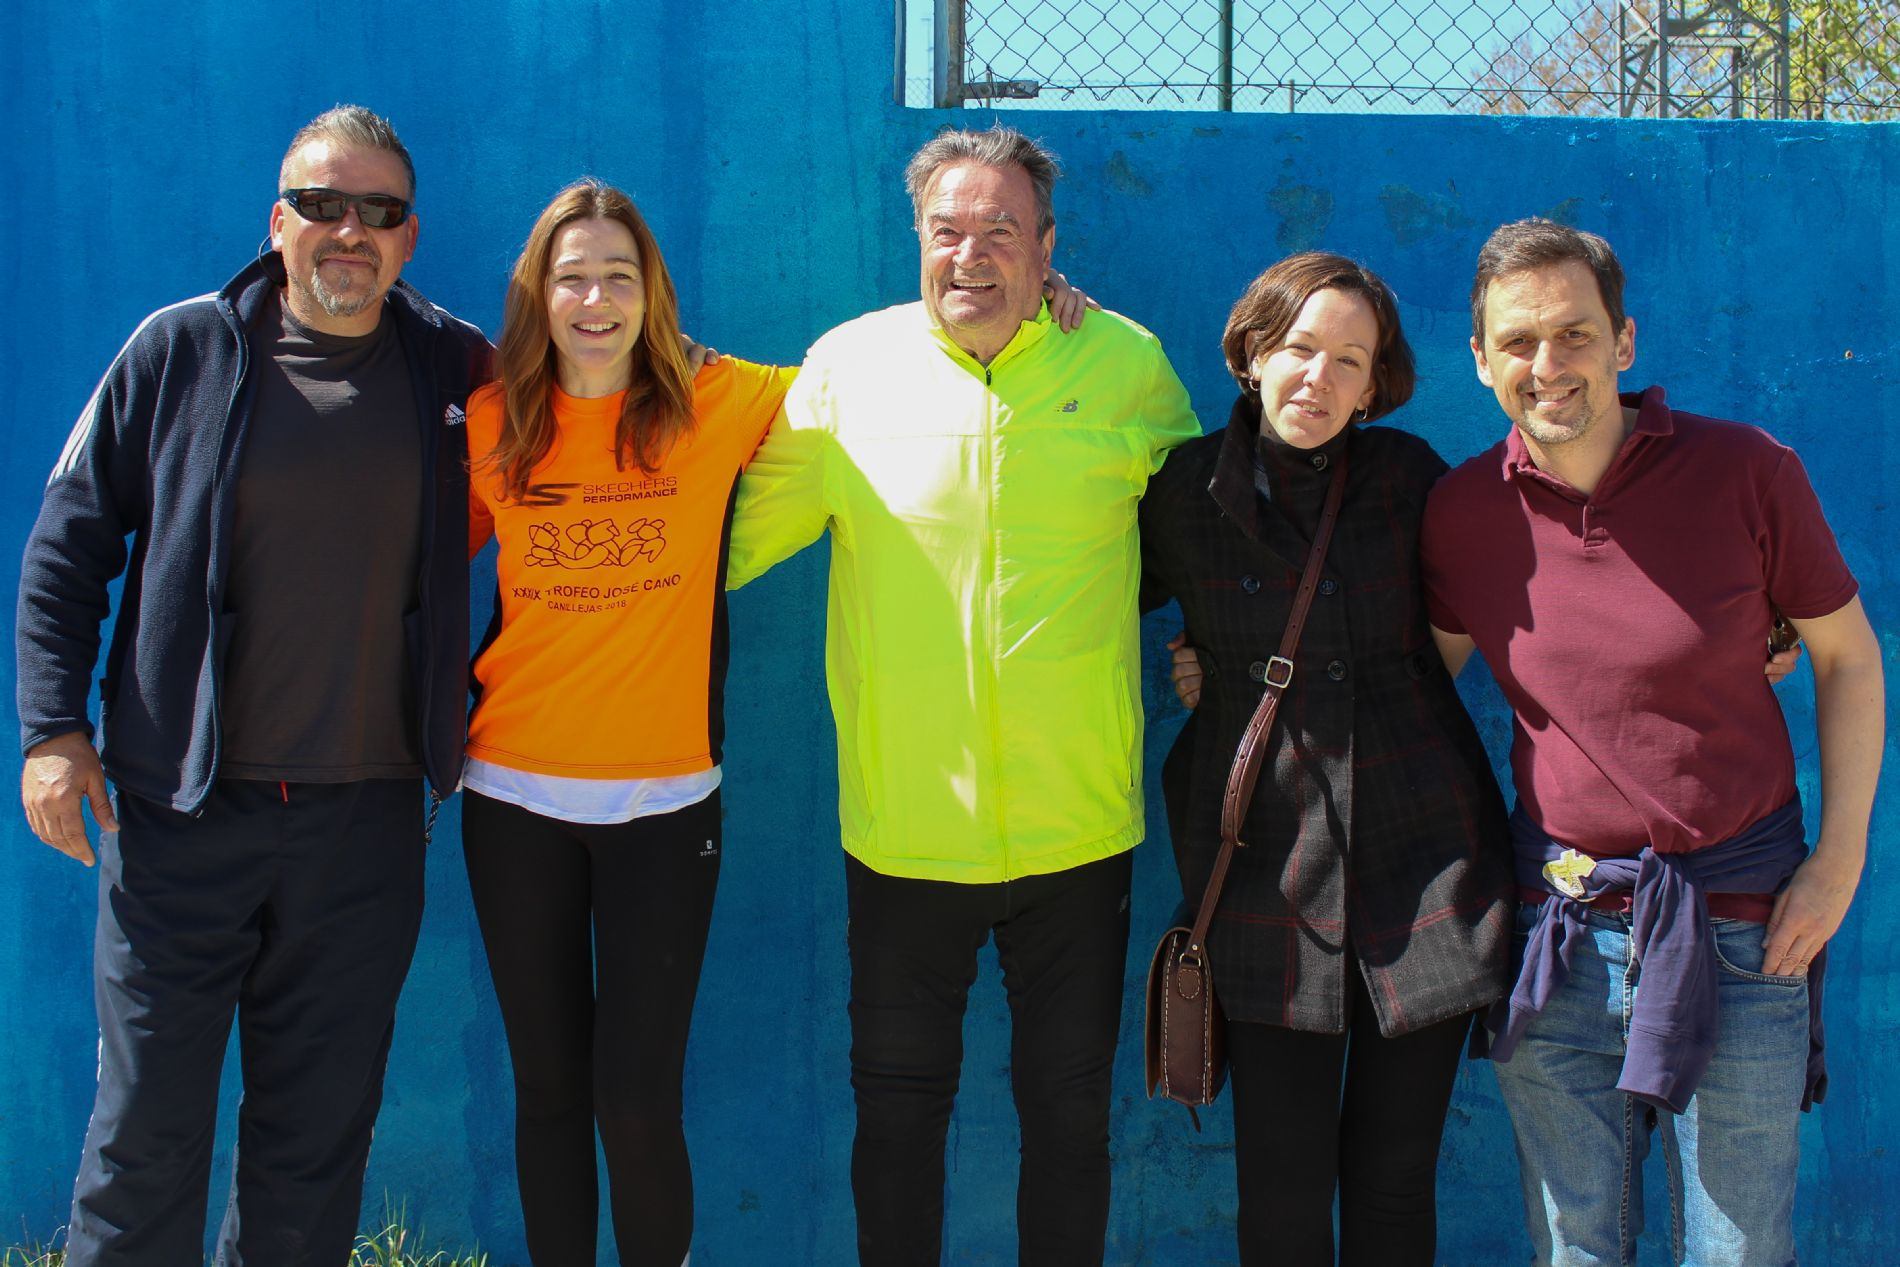 Jornada deportiva de los cursos de formación de la ONG CESAL